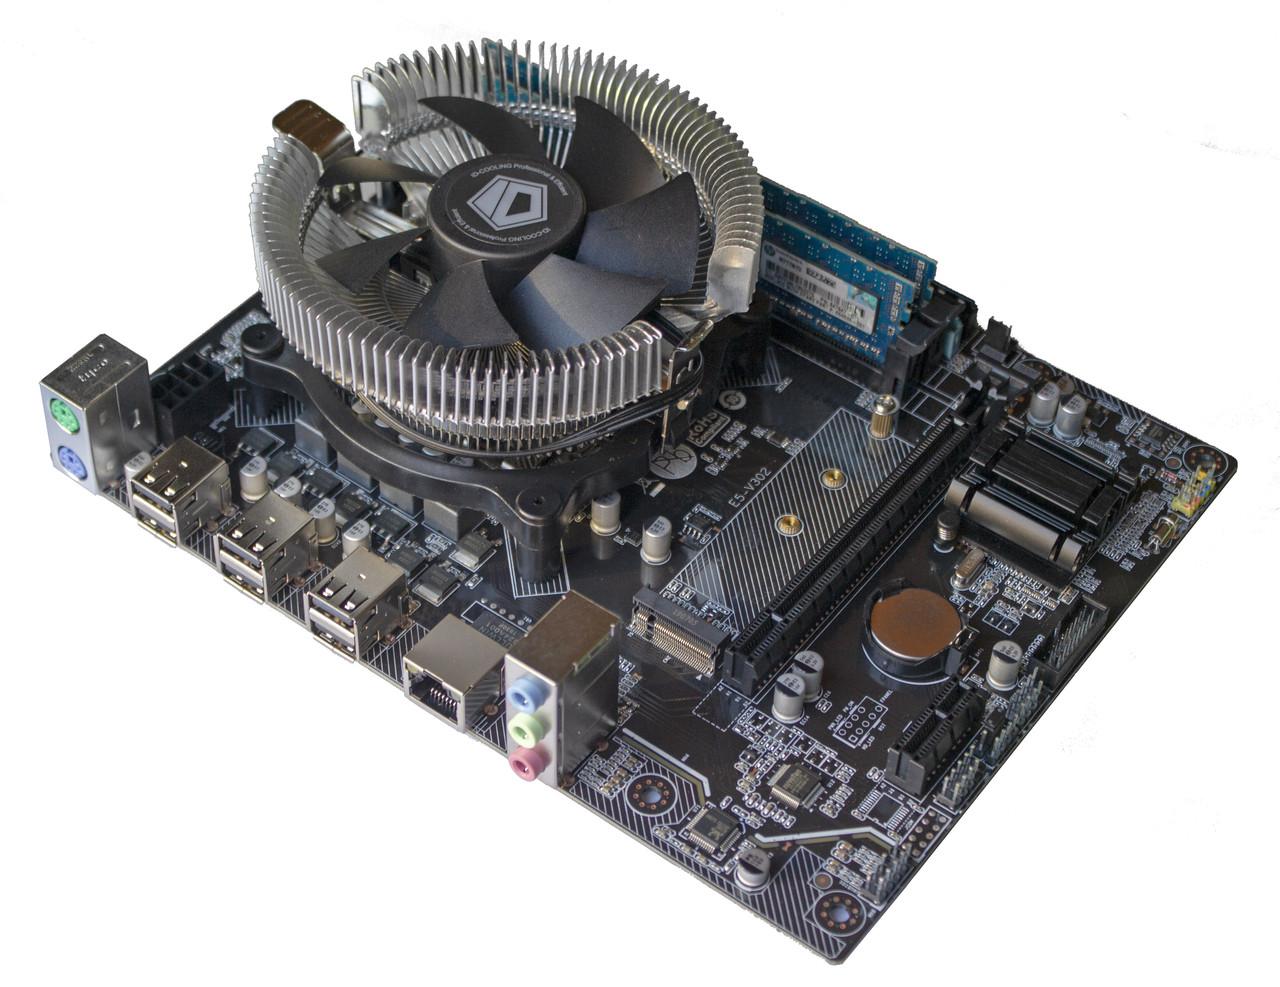 Материнская плата E5-V302 + Xeon E5-1410 2.8-3.2 GHz + 8 GB RAM + Кулер, LGA 1356